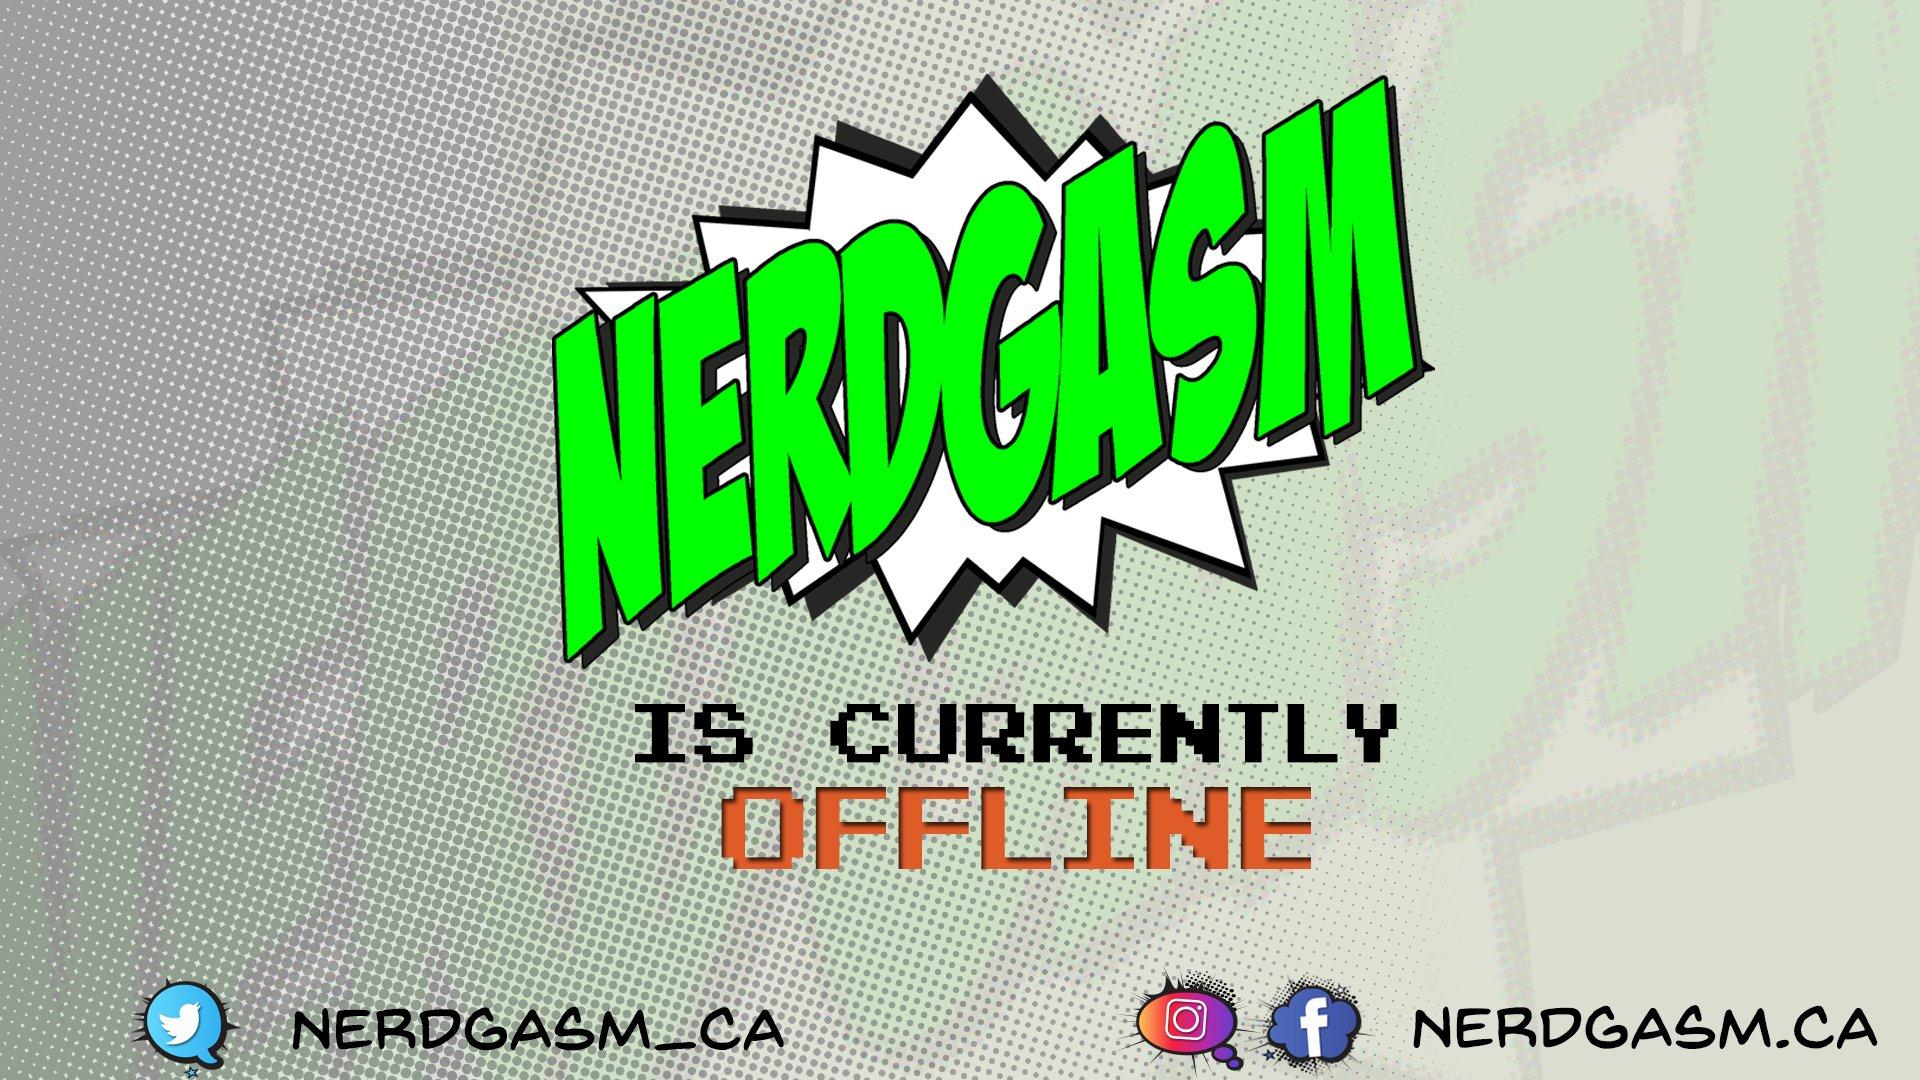 Twitch stream of Nerdgasm_CA